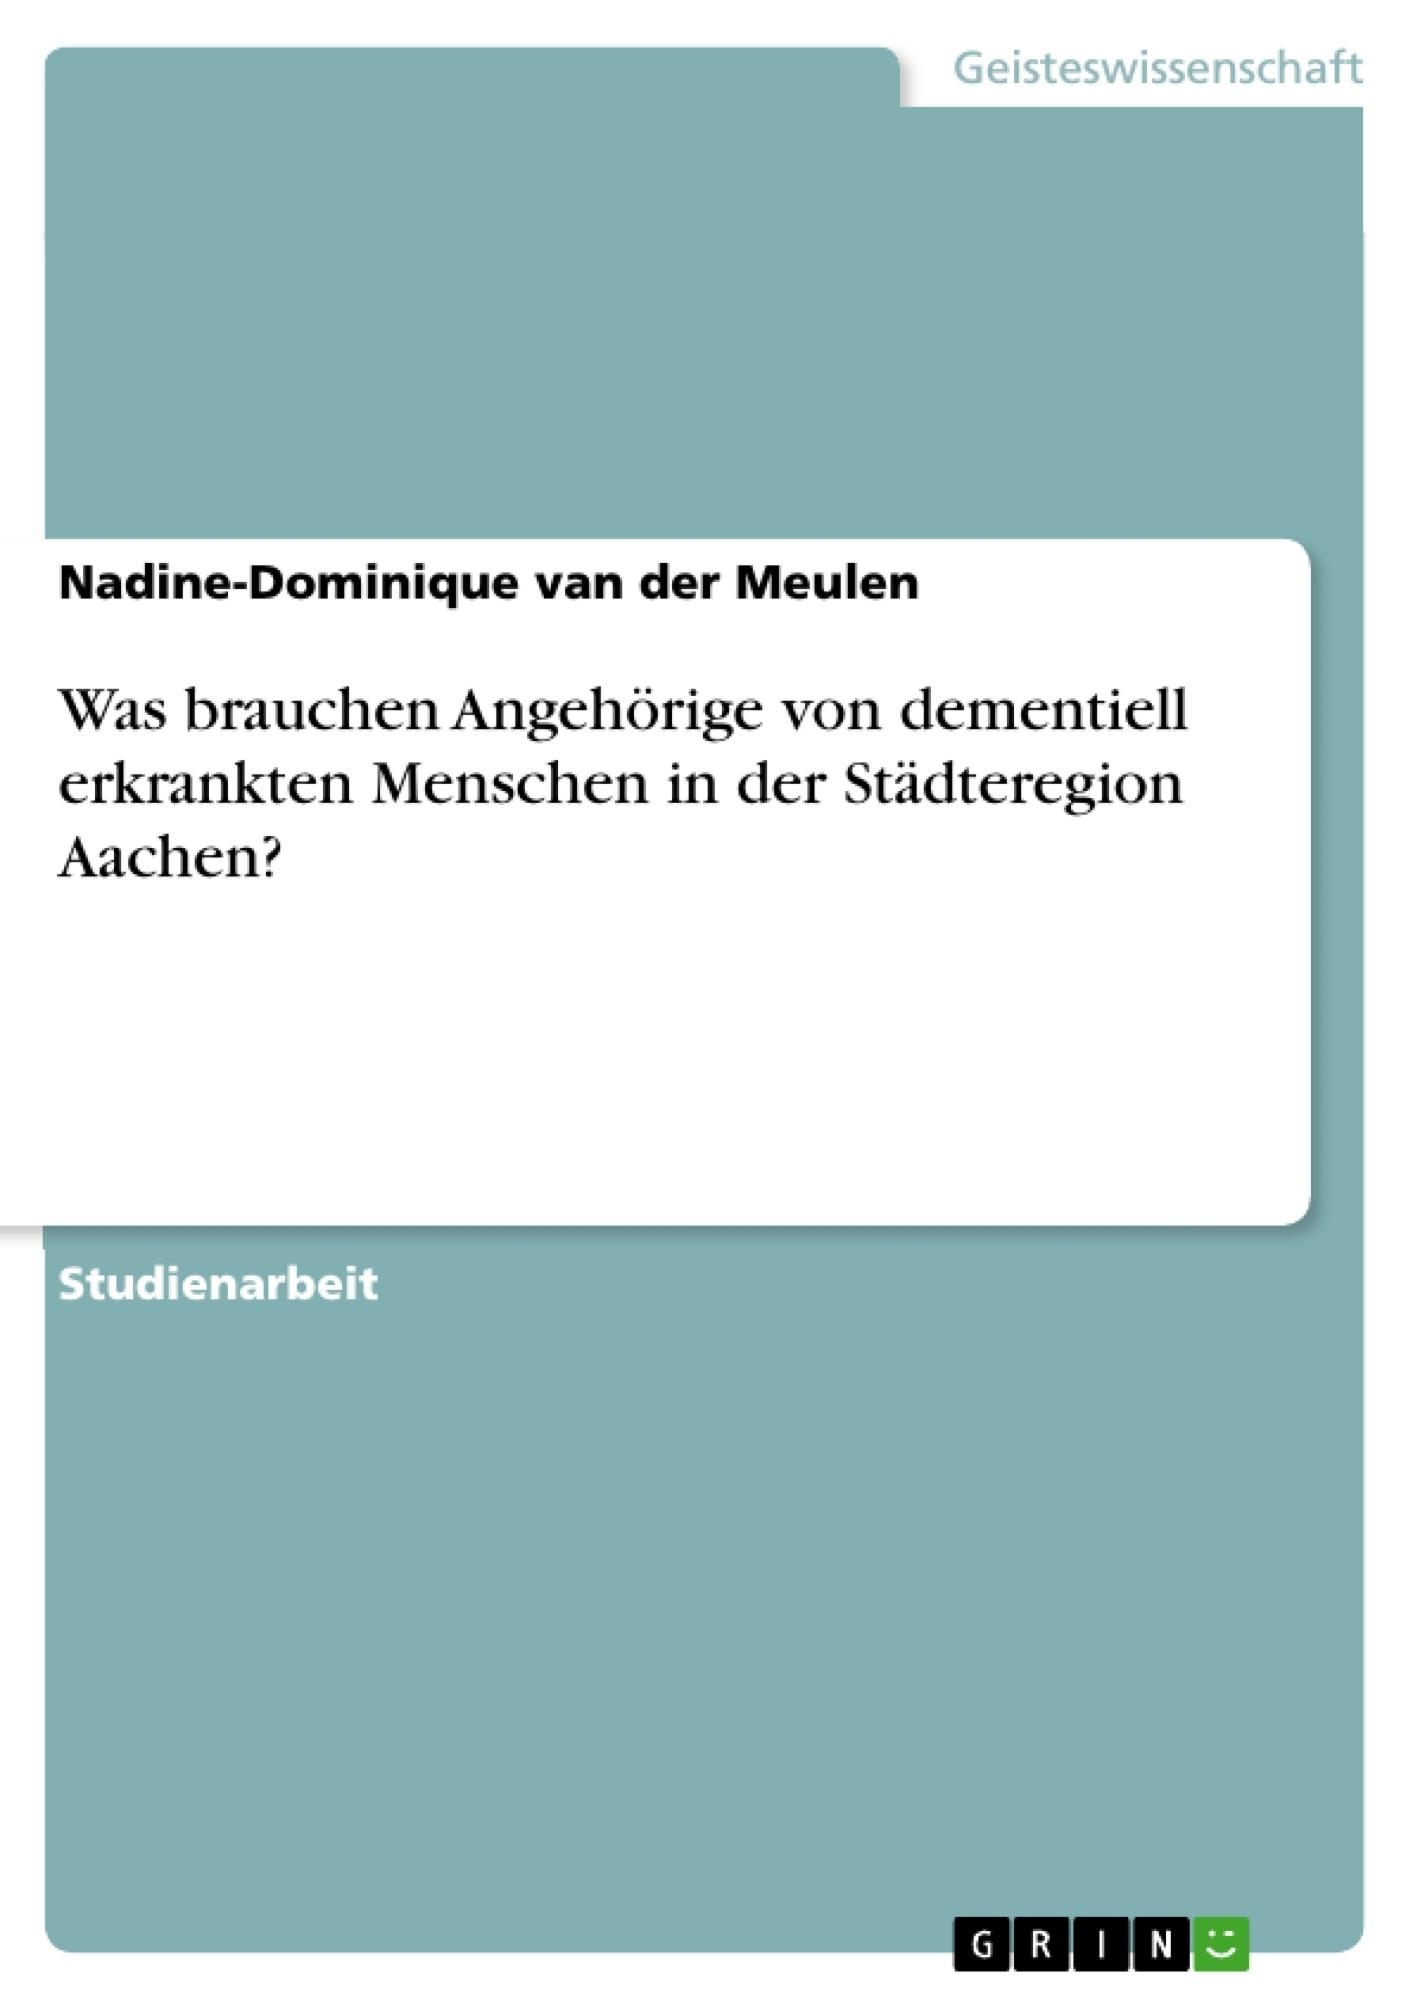 Titel: Was brauchen Angehörige von dementiell erkrankten Menschen in der Städteregion Aachen?